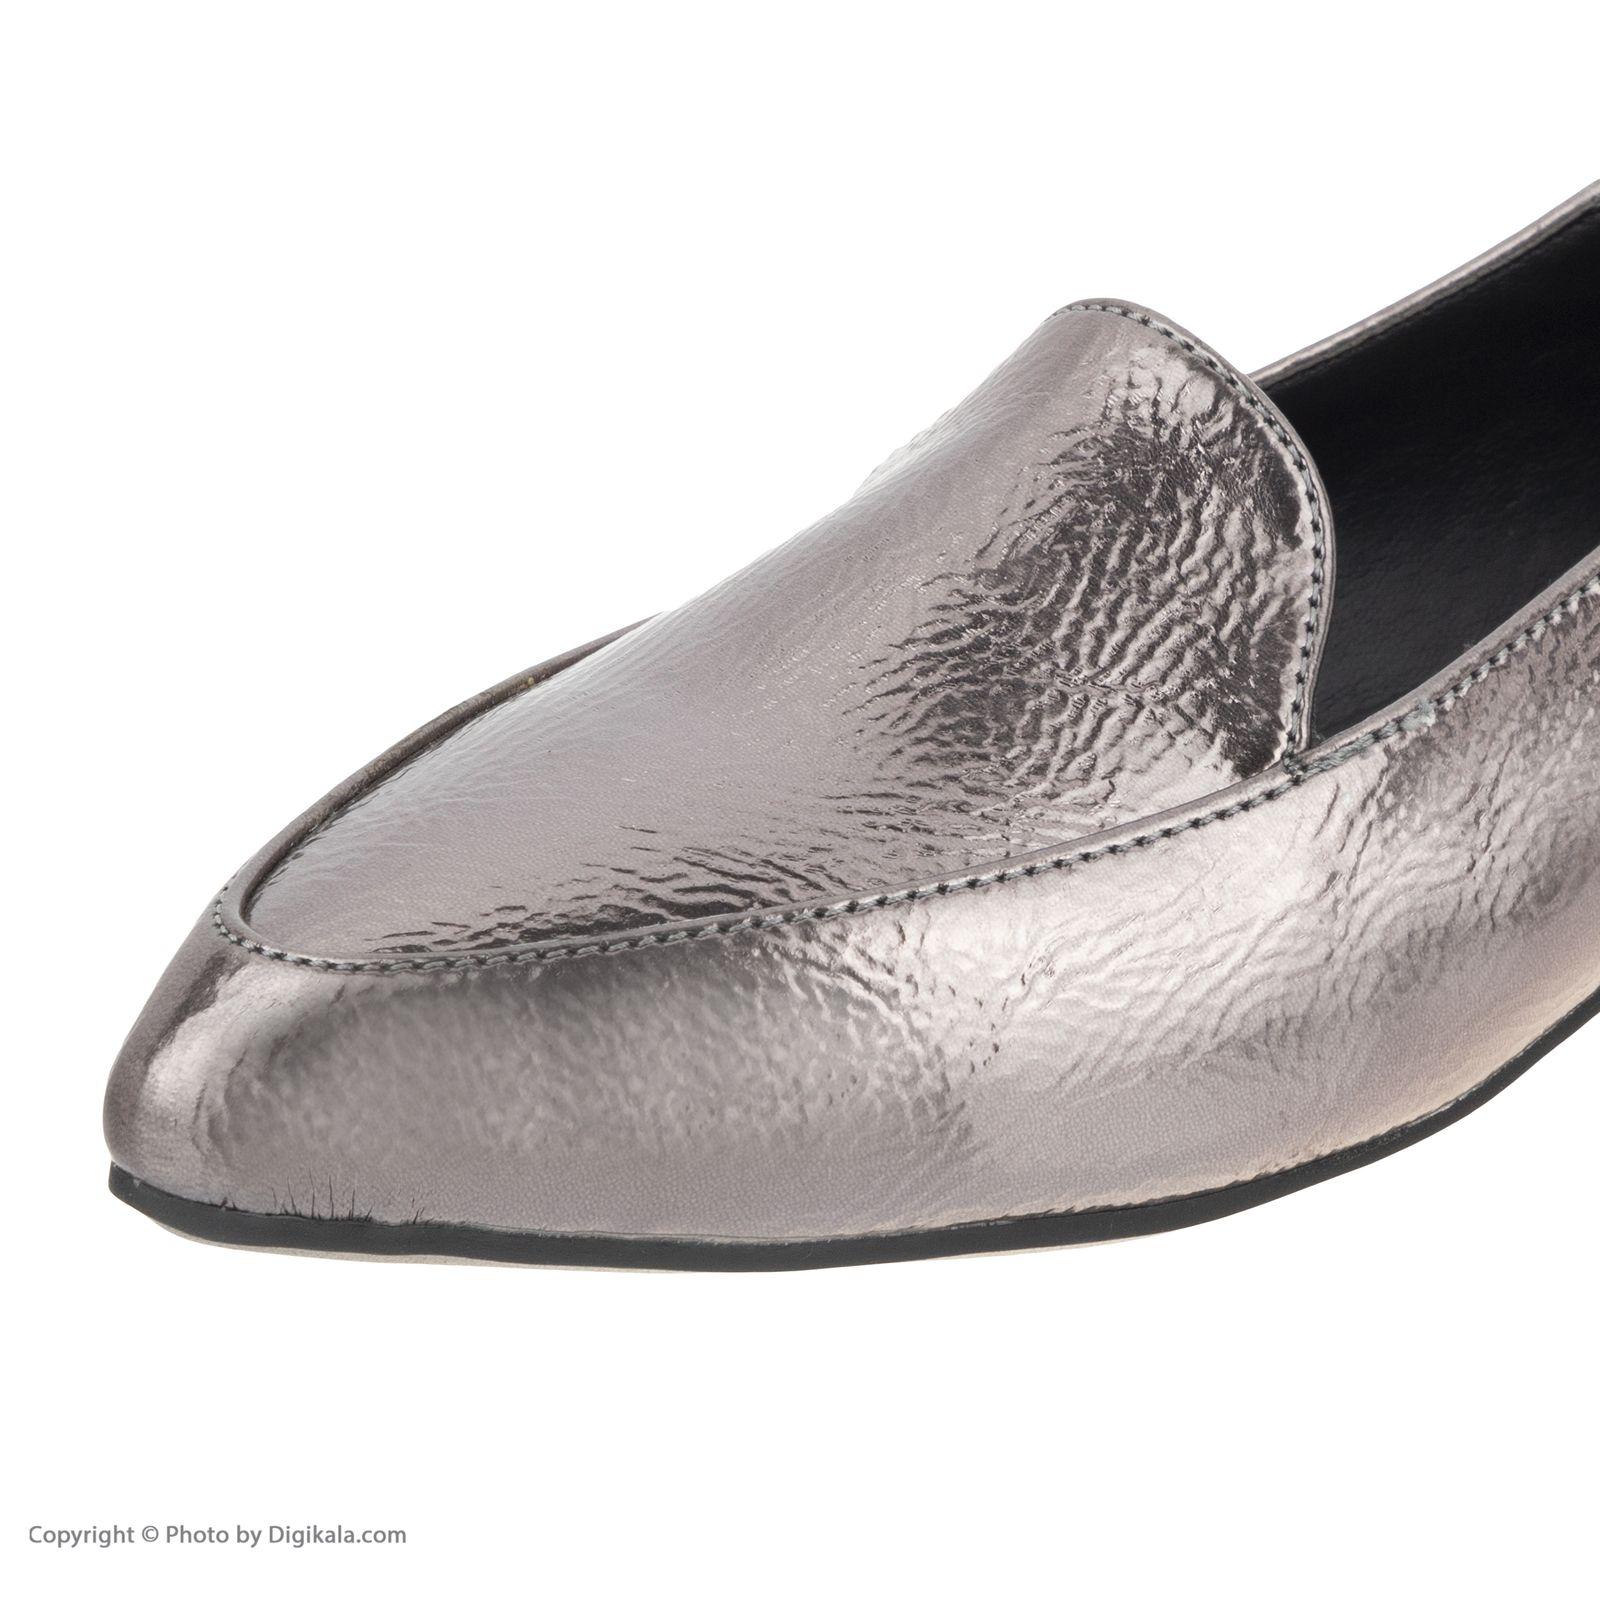 کفش زنانه مدل 6106 -  - 2